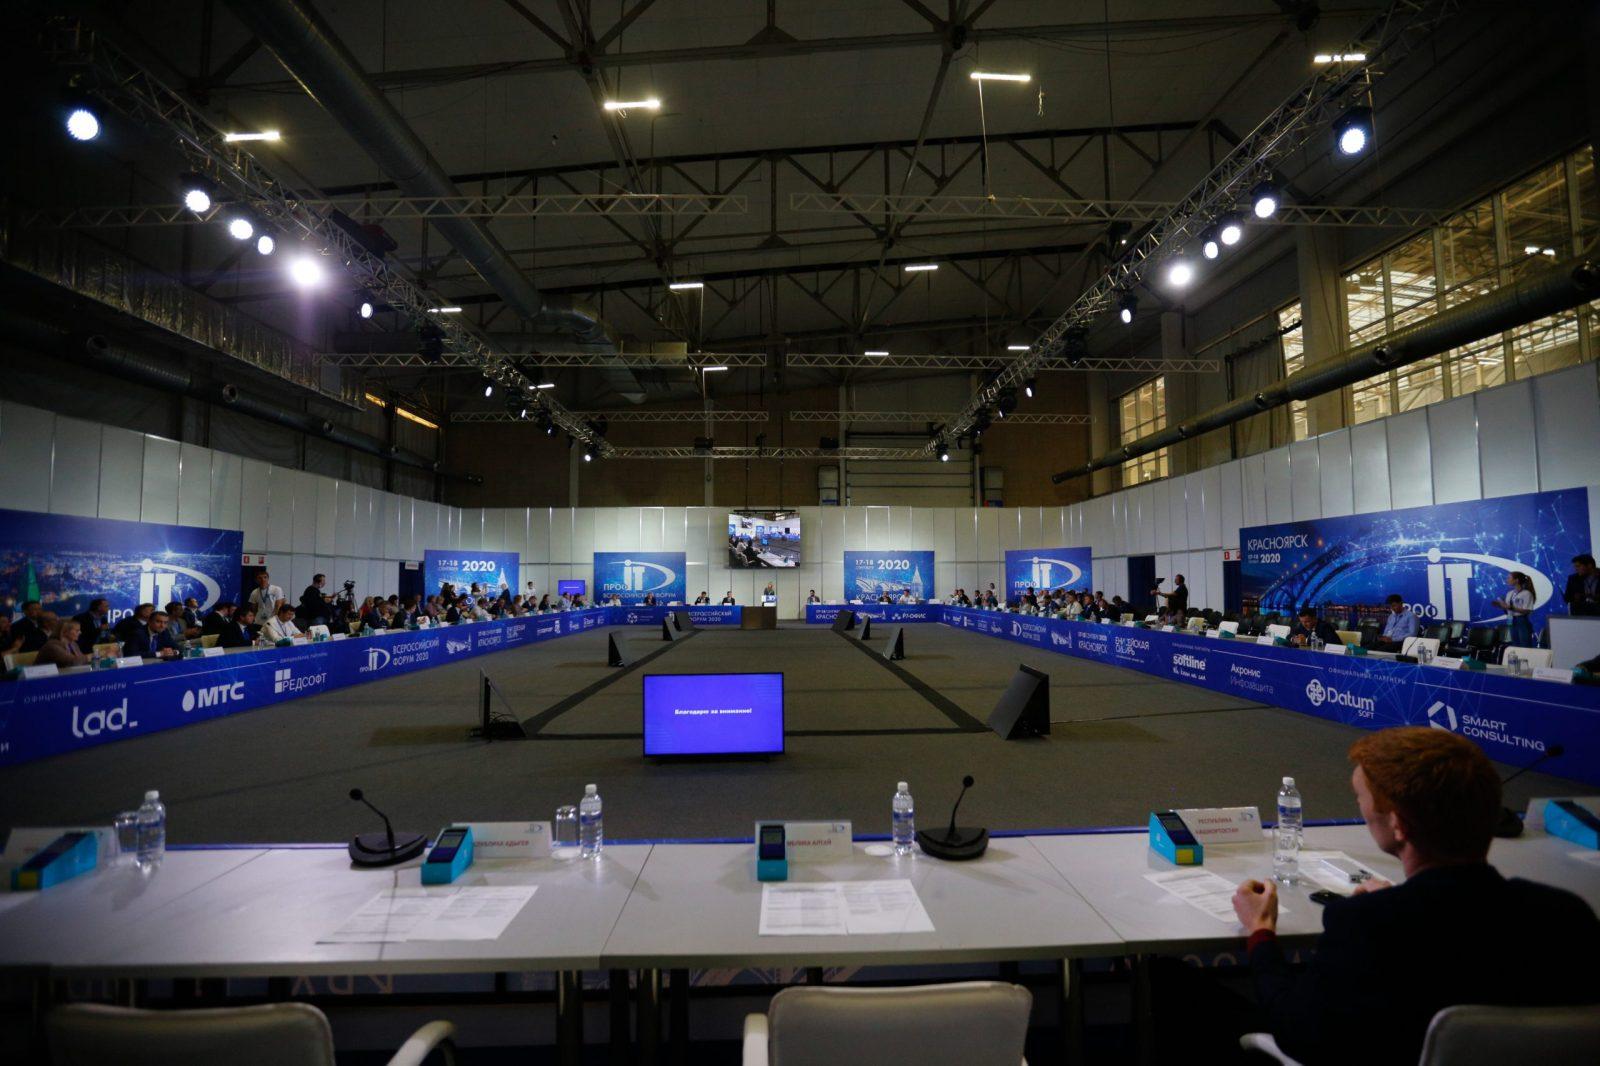 Завершился первый день работы форума «ПРОФ-IT.2020»